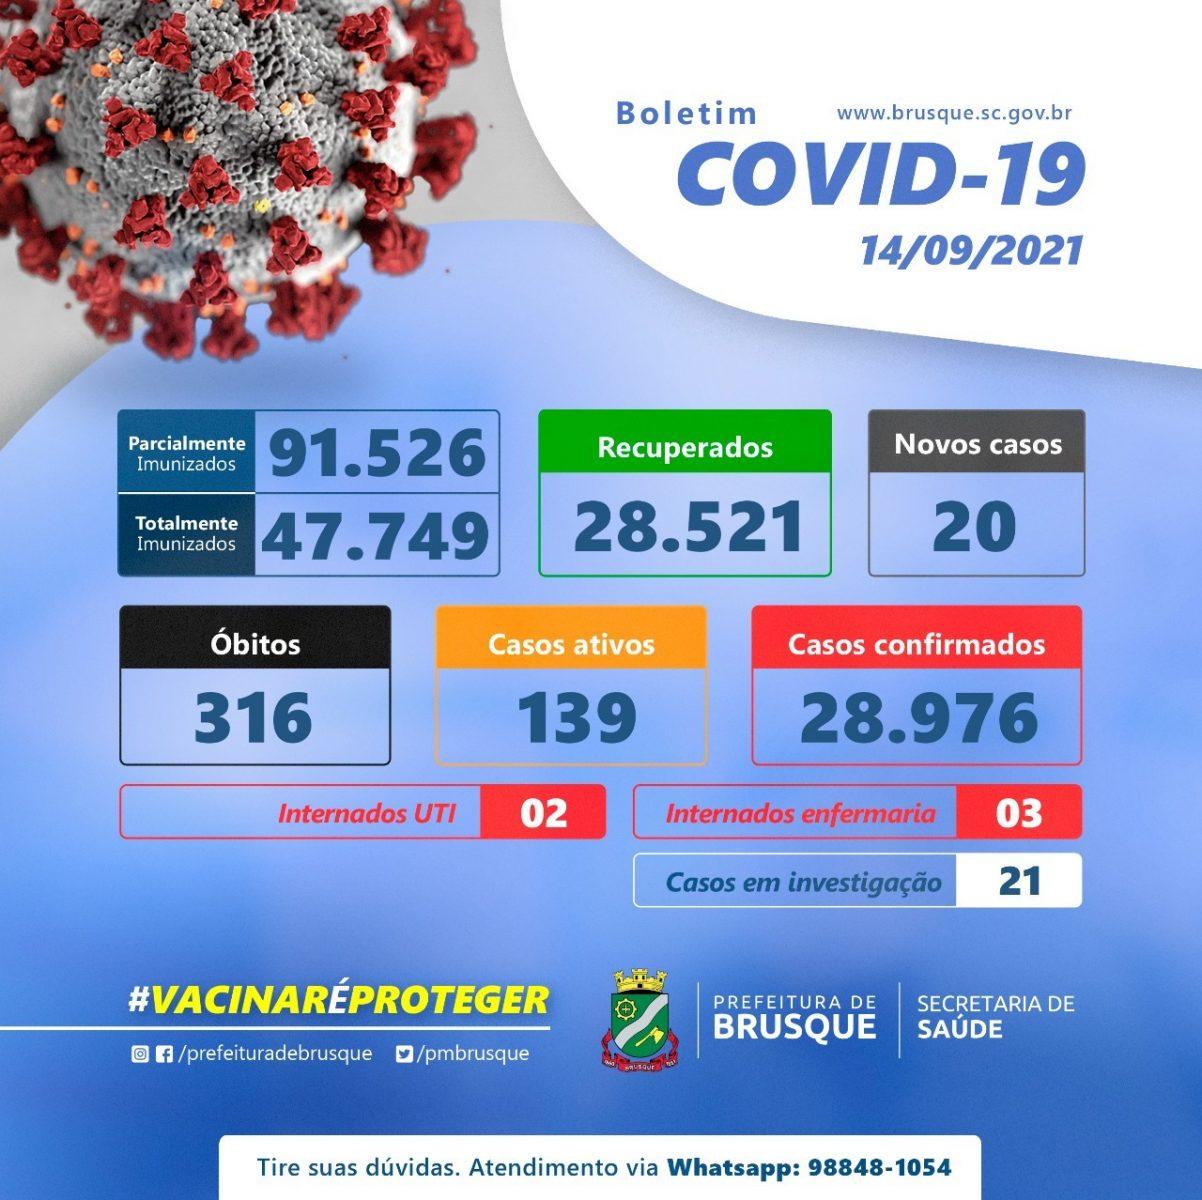 Covid-19: Brusque possui duas pessoas internadas na UTI em decorrência da doença